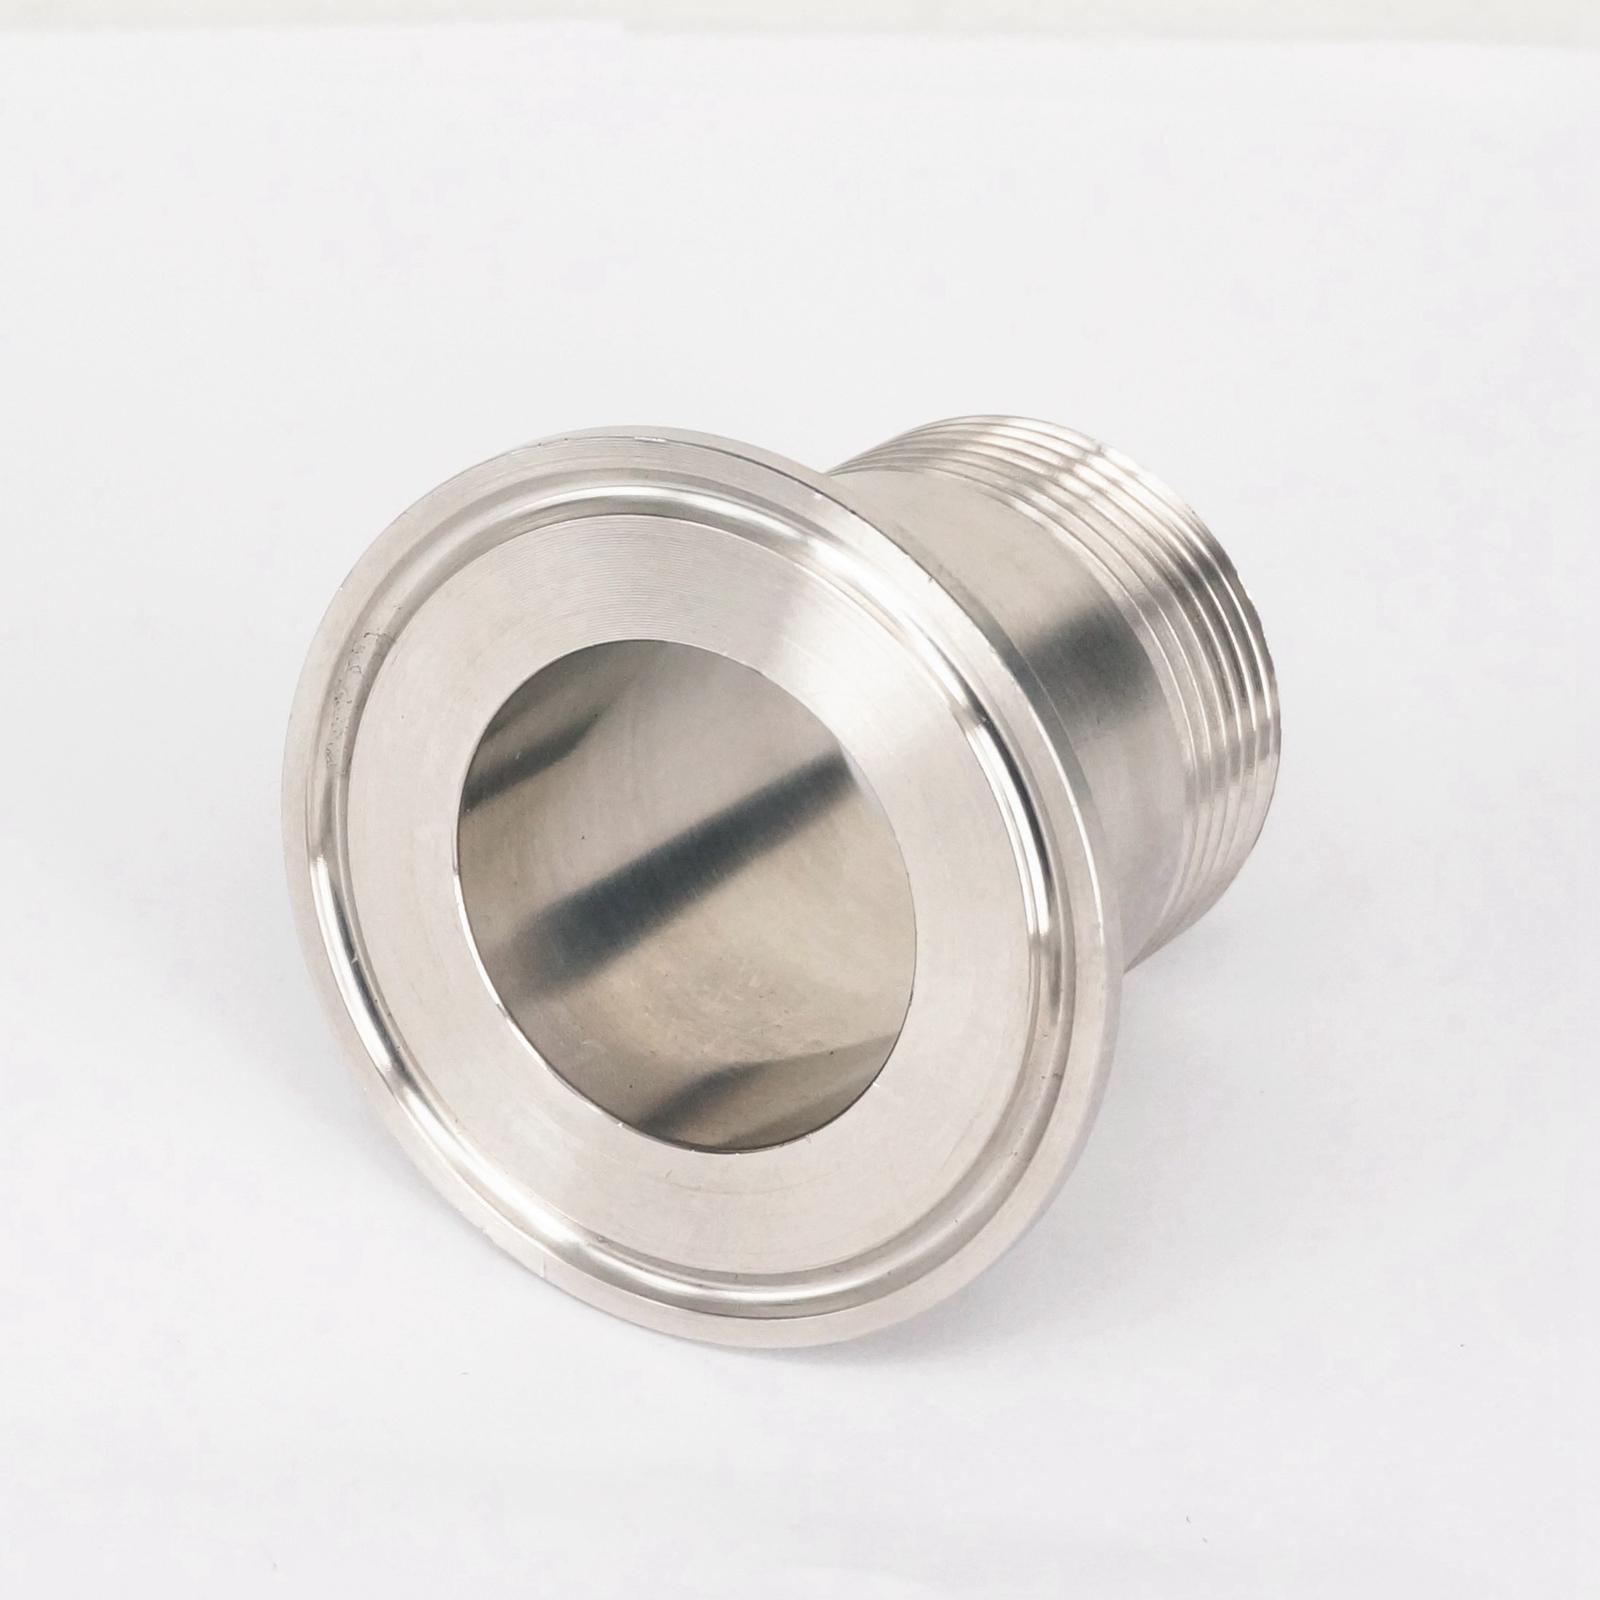 Quot bsp male mm ferrule o d stainless steel